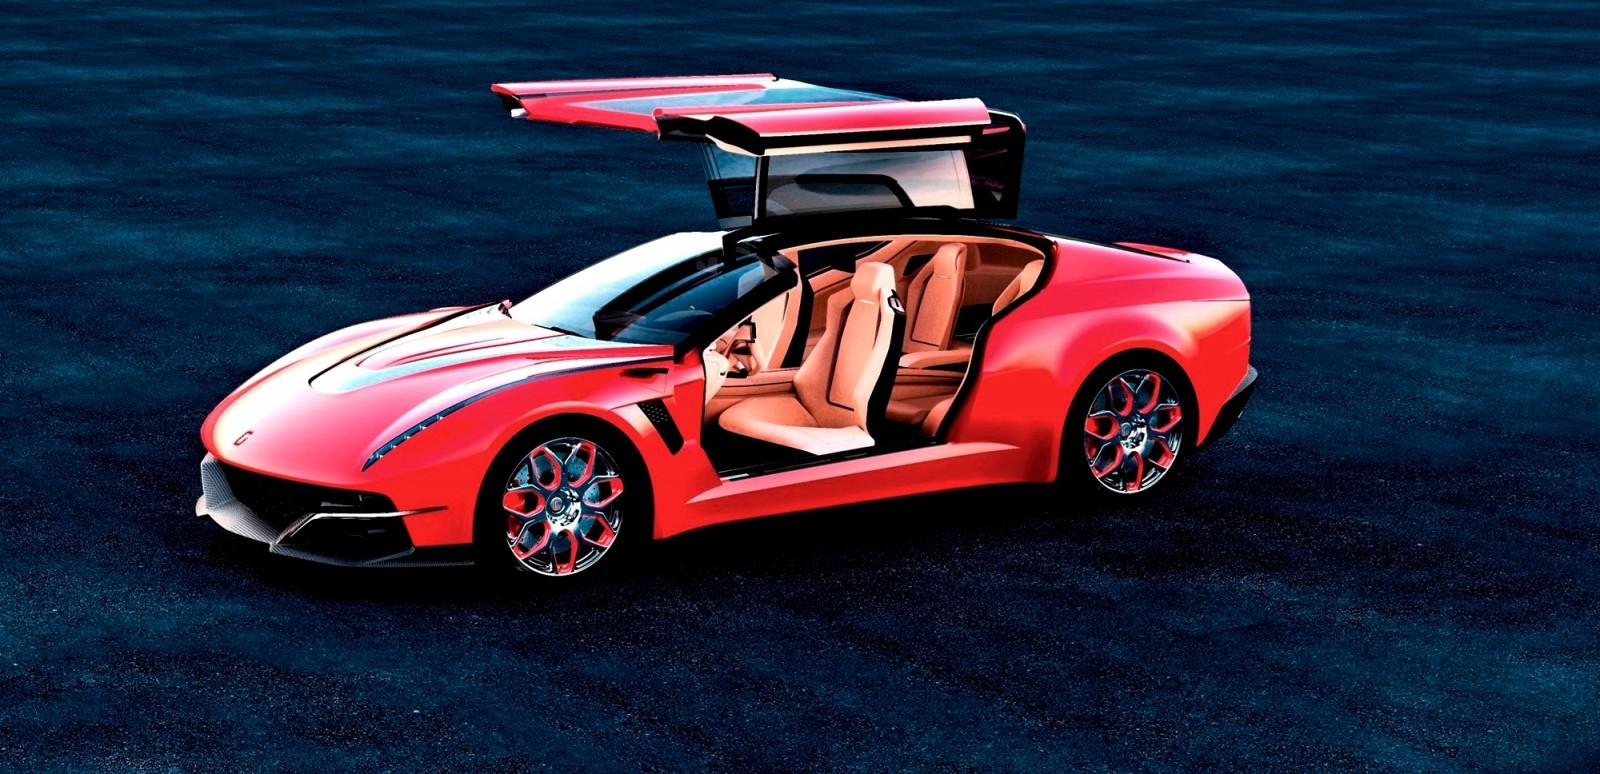 2012 ItalDesign Giugiaro BRIVIDO Concept 33